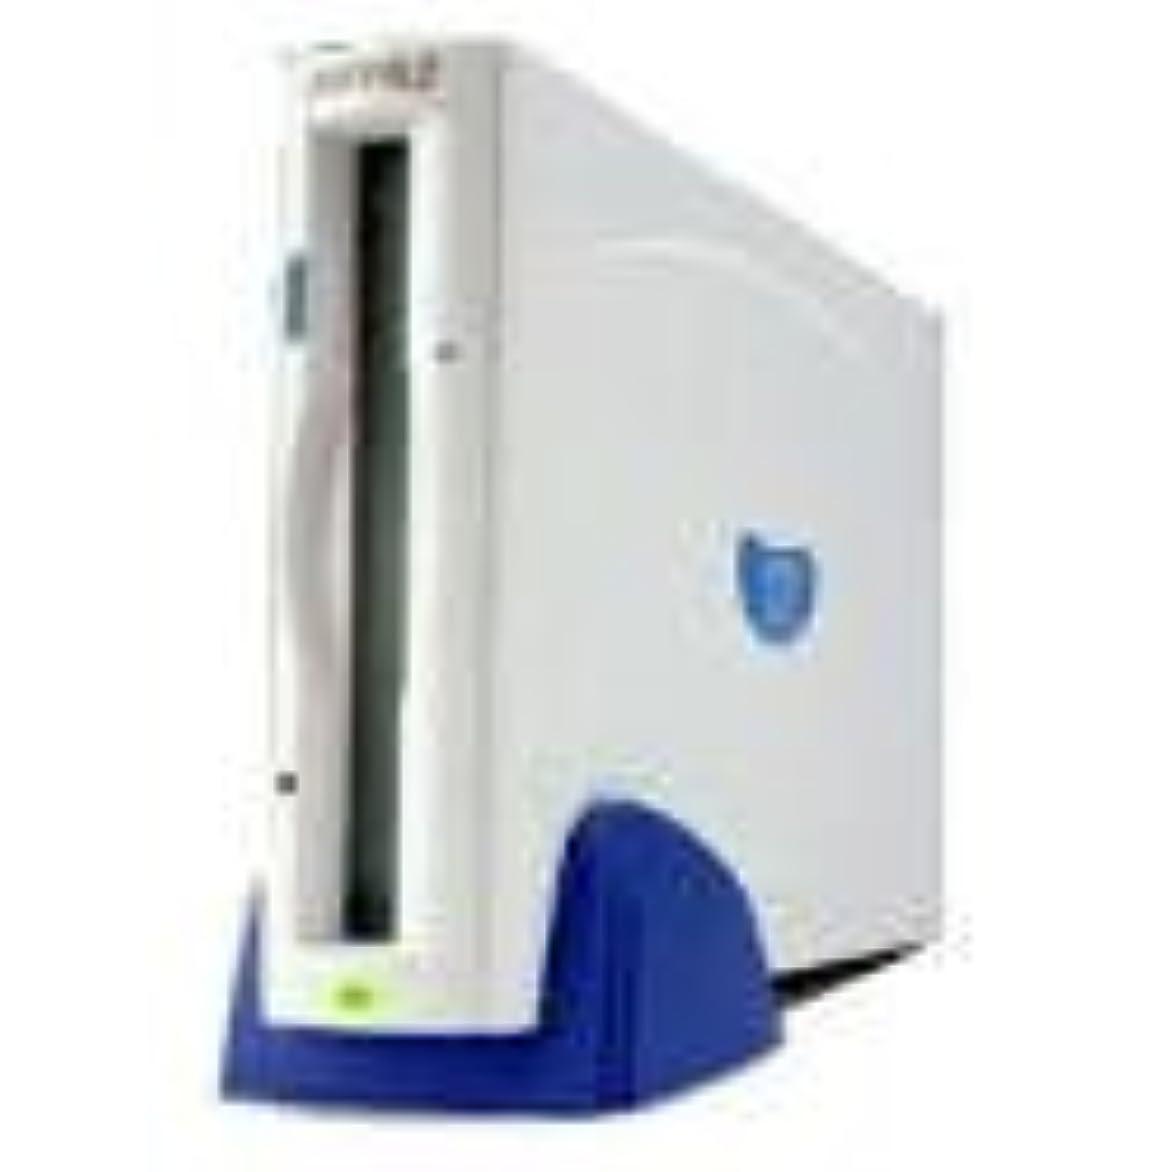 輸血指令弱点ロジテック USB 2.0外付型640MB MOユニットLMO-F654U2(S)